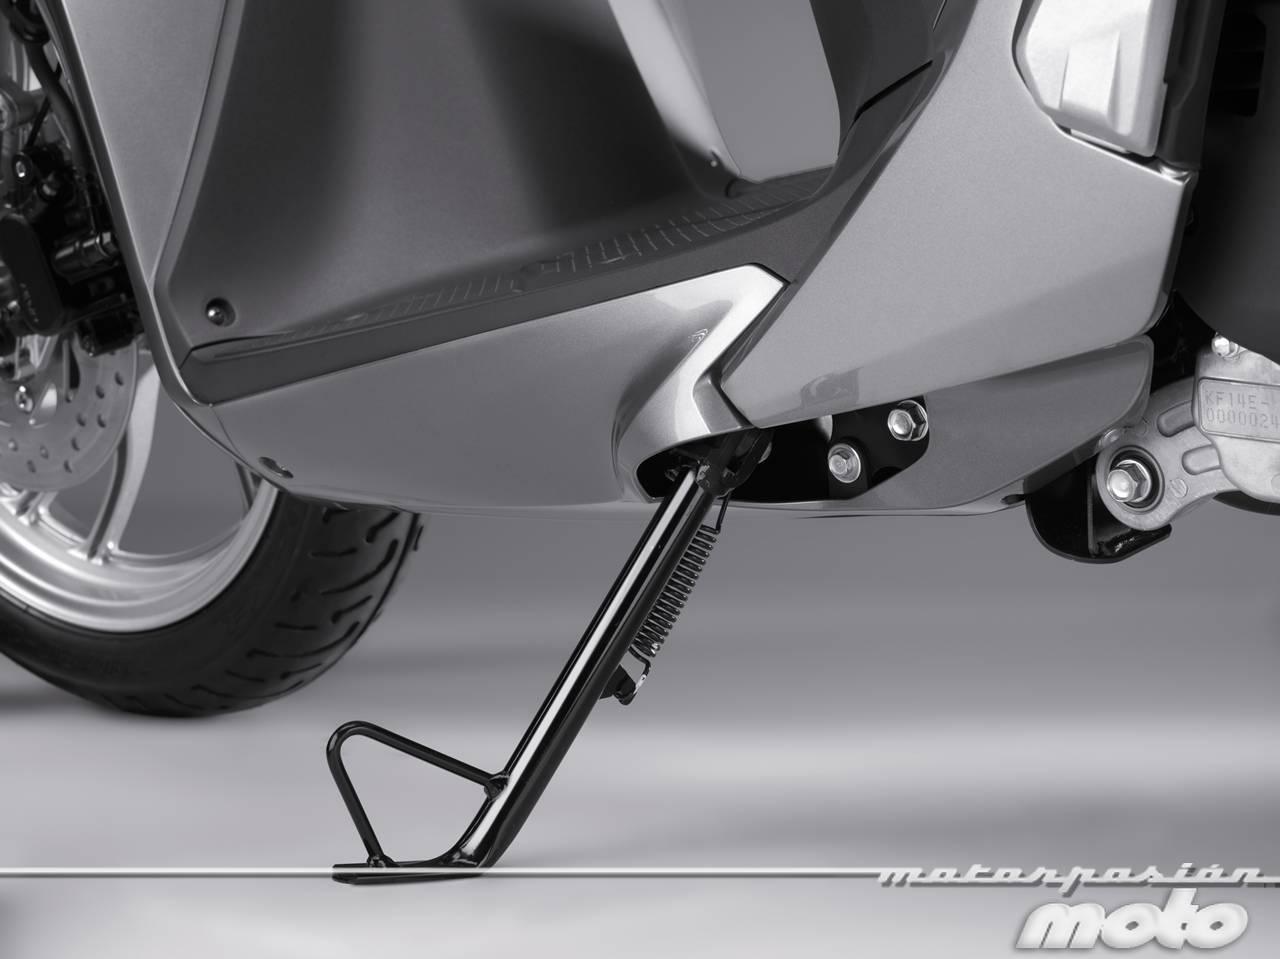 Foto de Honda Scoopy SH125i 2013, prueba (valoración, galería y ficha técnica)  - Fotos Detalles (54/81)